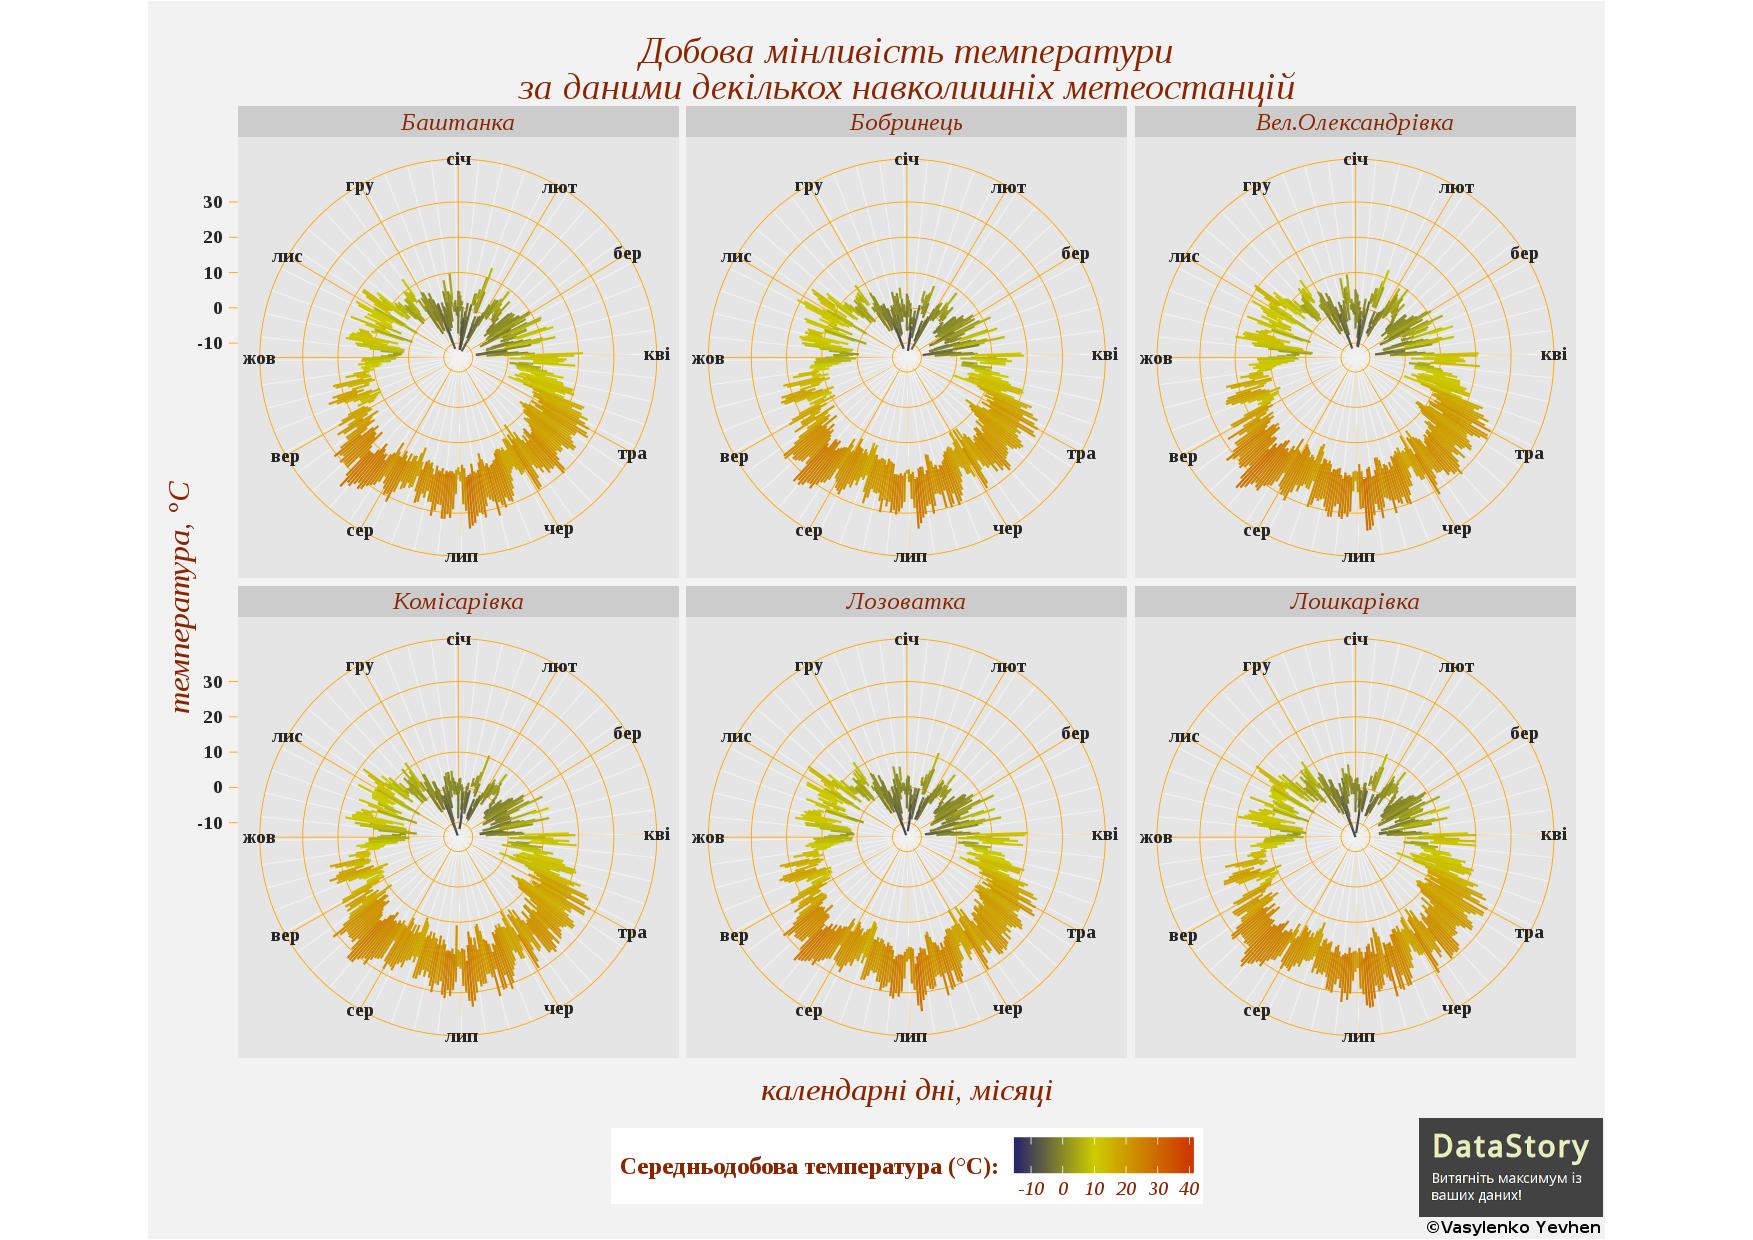 Діаграма добової мінливості температури на різних метеостанціях в полярній системі координат